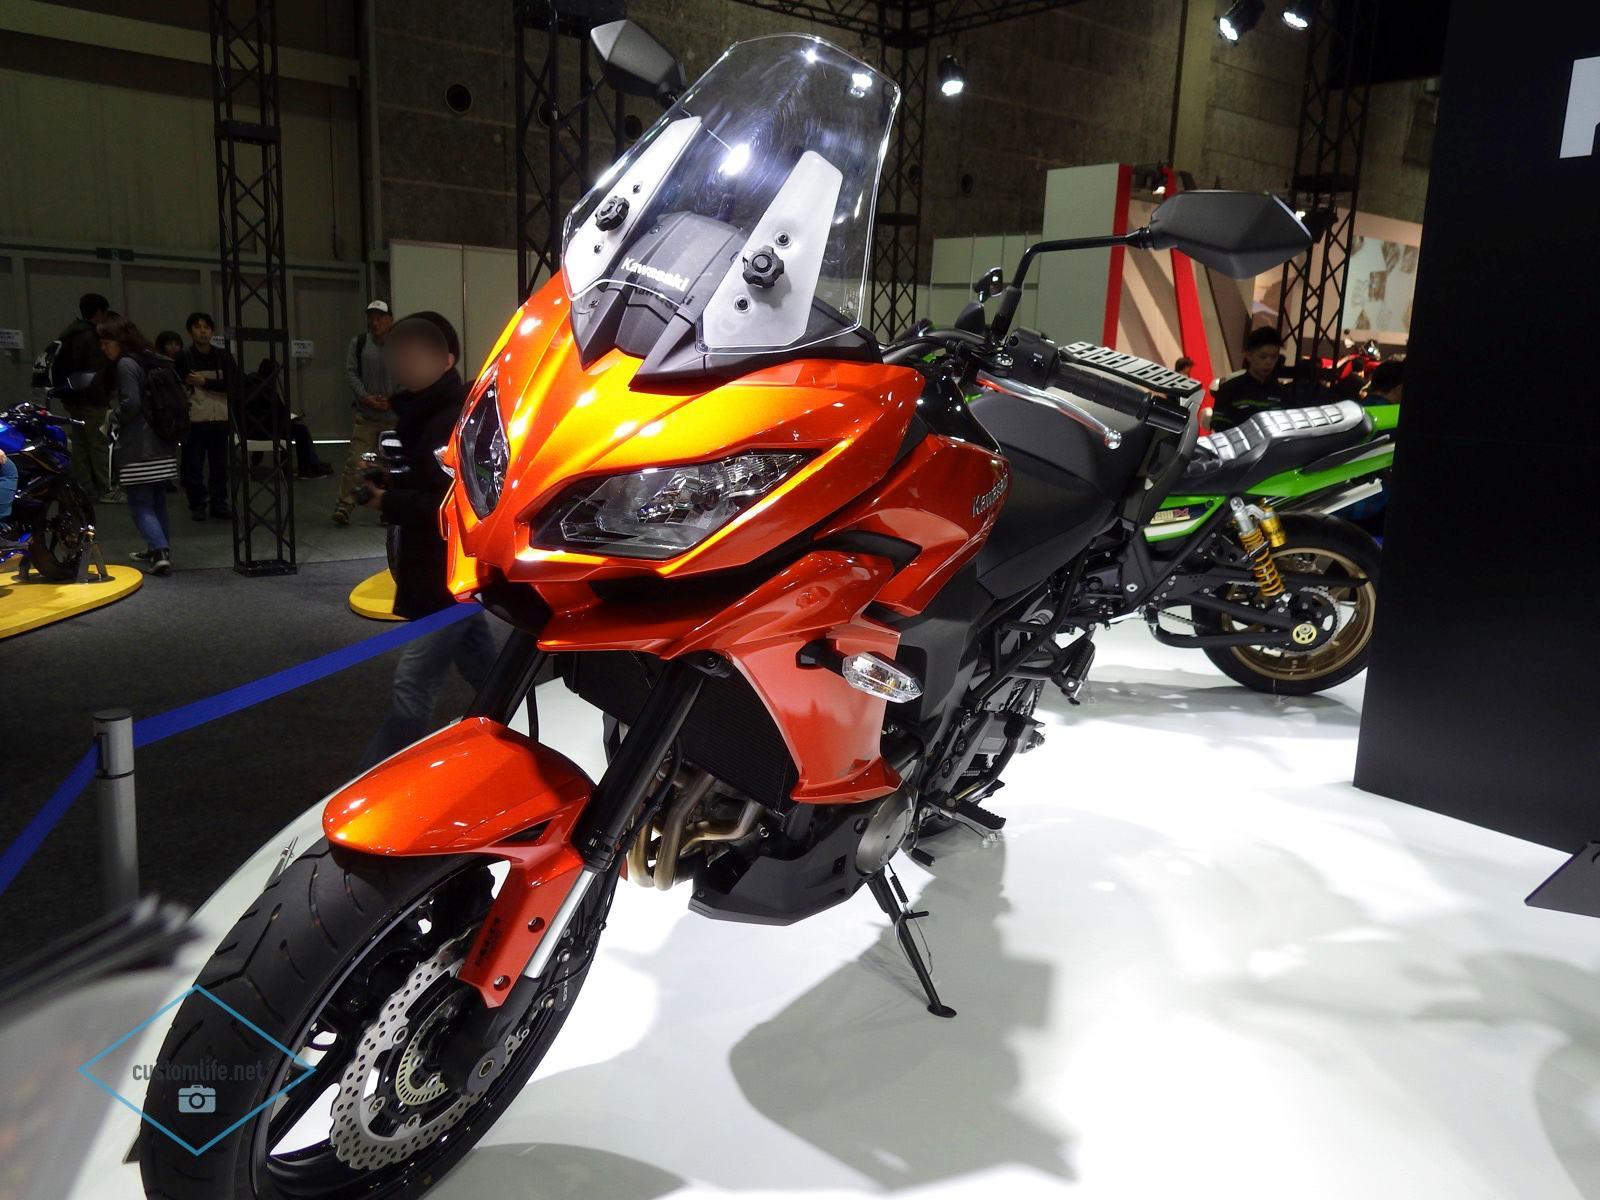 MotorcycleShow 2015 Osaka 121